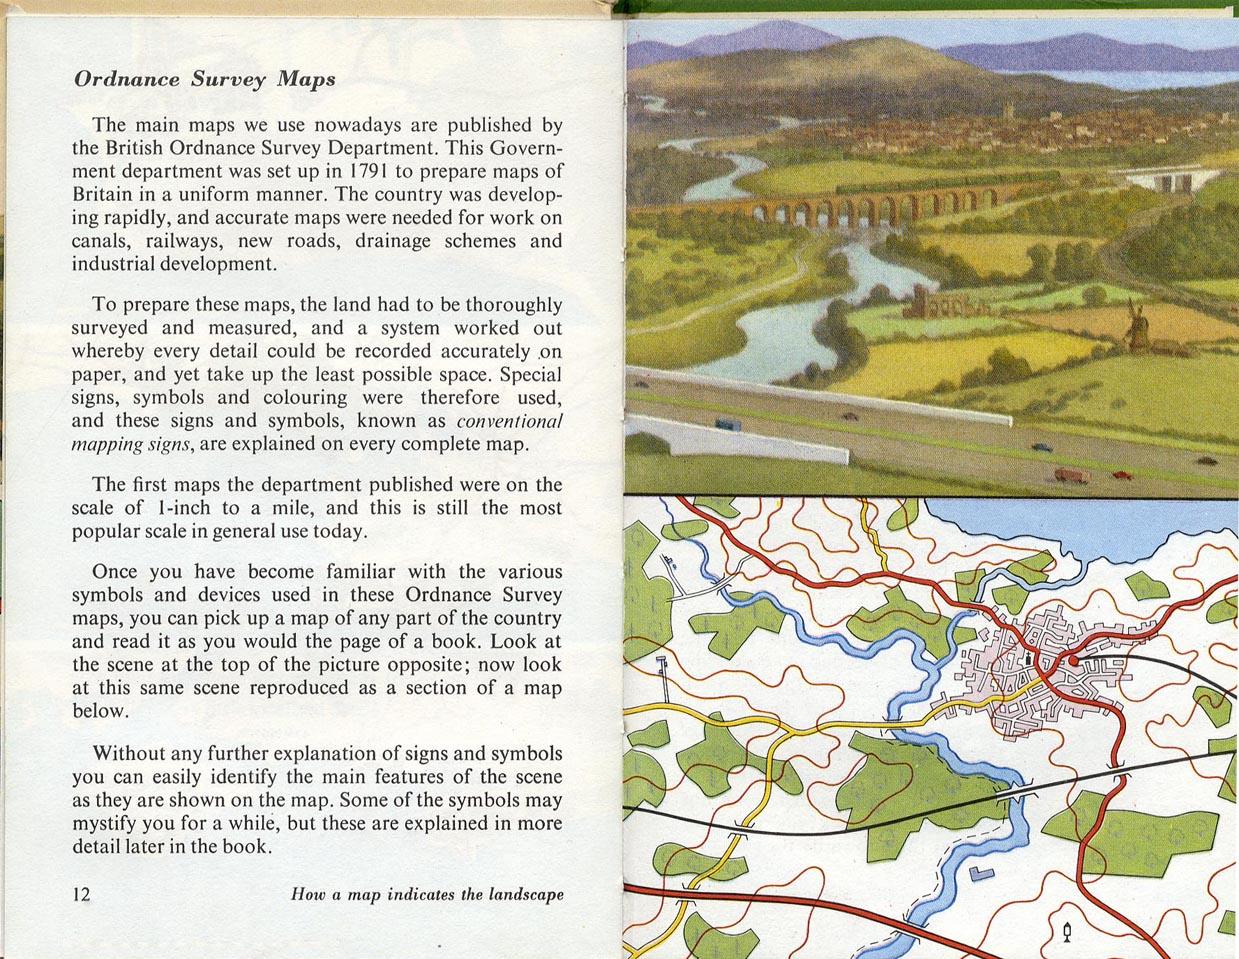 Ronald lampitt understanding maps ladybird ronald lampitt understanding maps ladybird biocorpaavc Choice Image